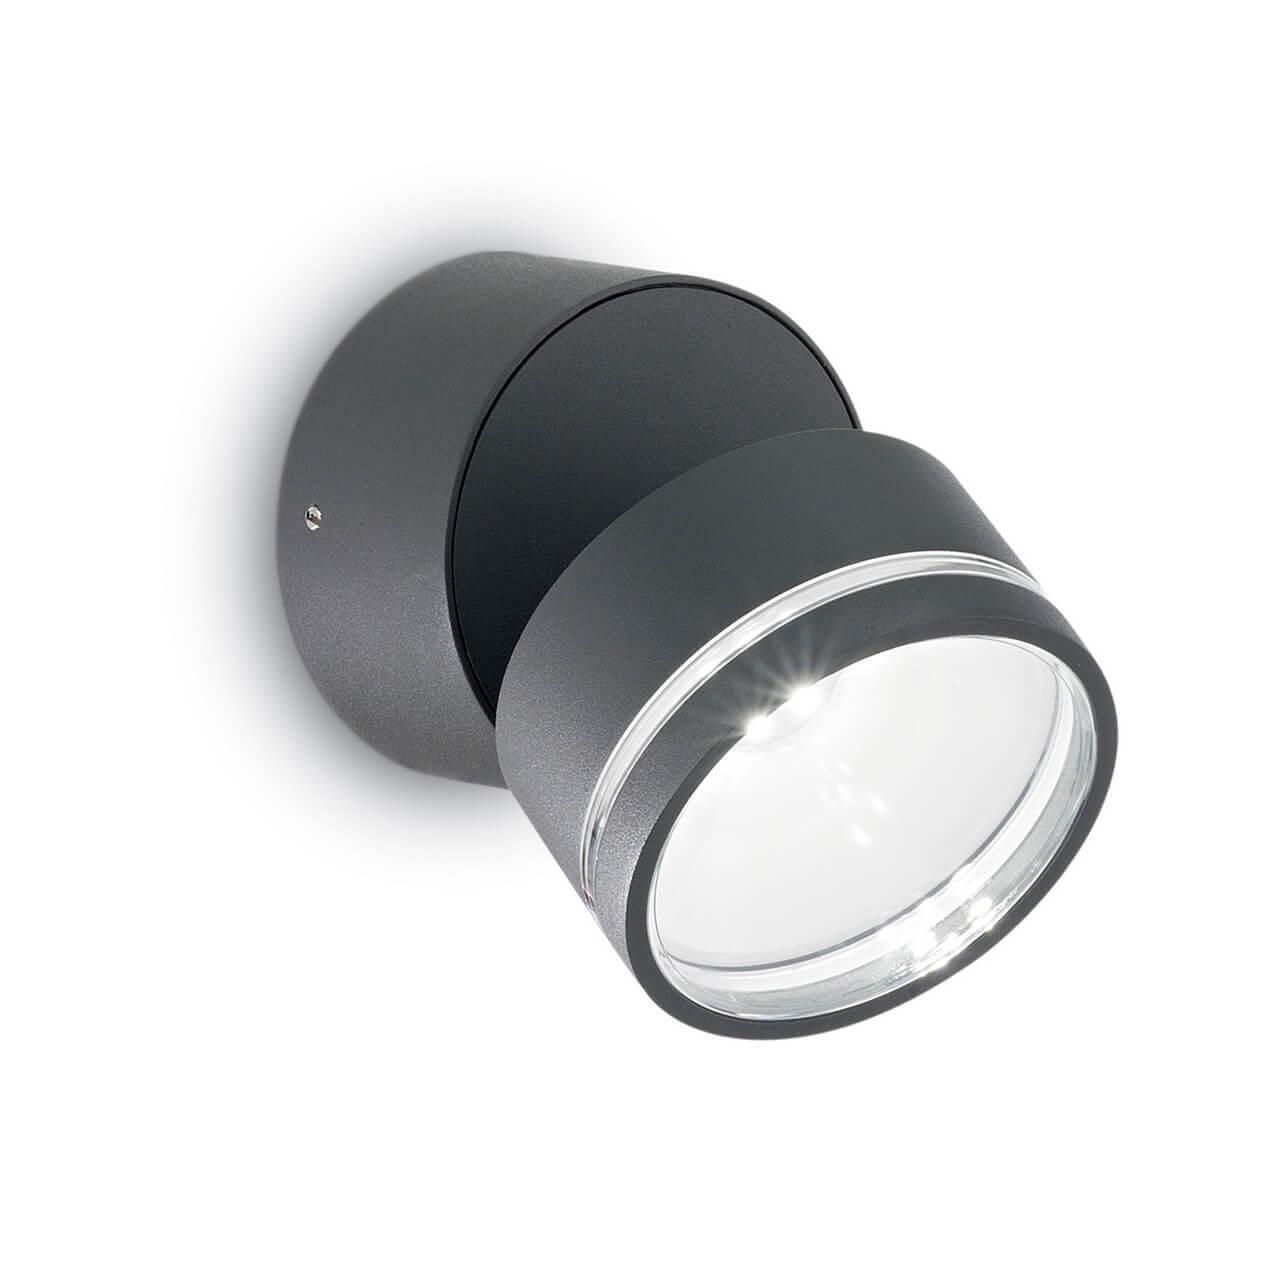 Уличный настенный светодиодный светильник Ideal Lux Omega Round AP1 Antracite цена и фото